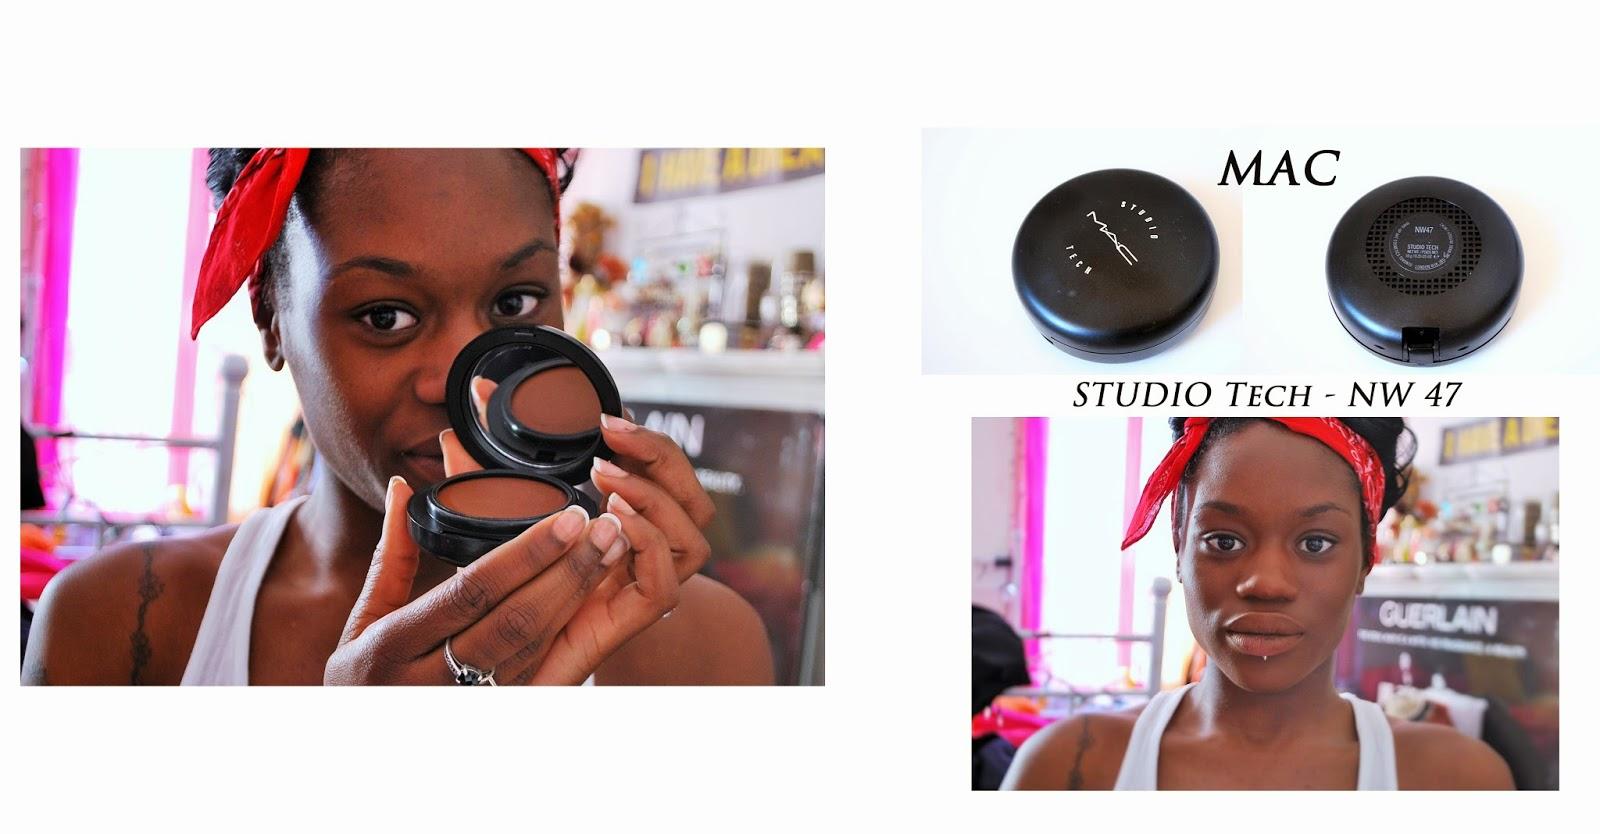 fond de teint, MAC, studio tech, NW47, maquillage peau noire